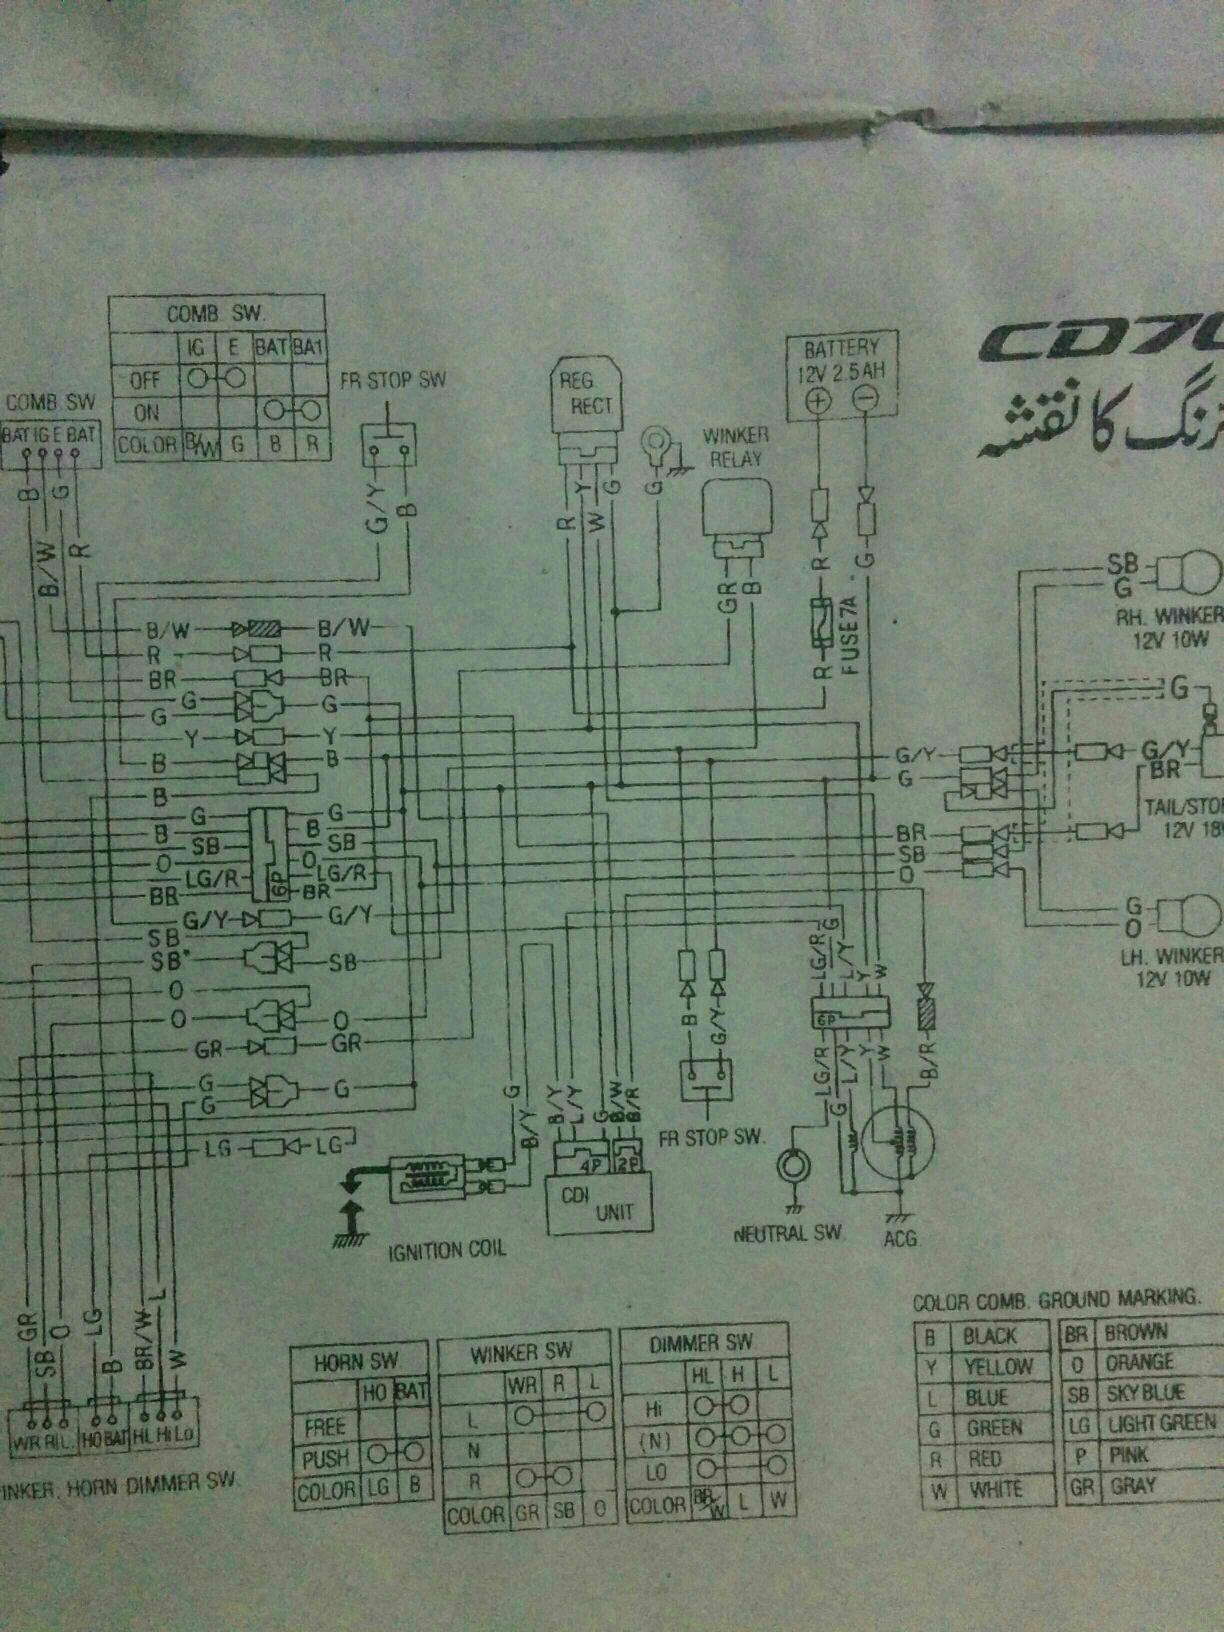 NL_8329] Wiring Diagram Nexus Download DiagramHeeve Dext Hopad Skat Peted Phae Mohammedshrine Librar Wiring 101